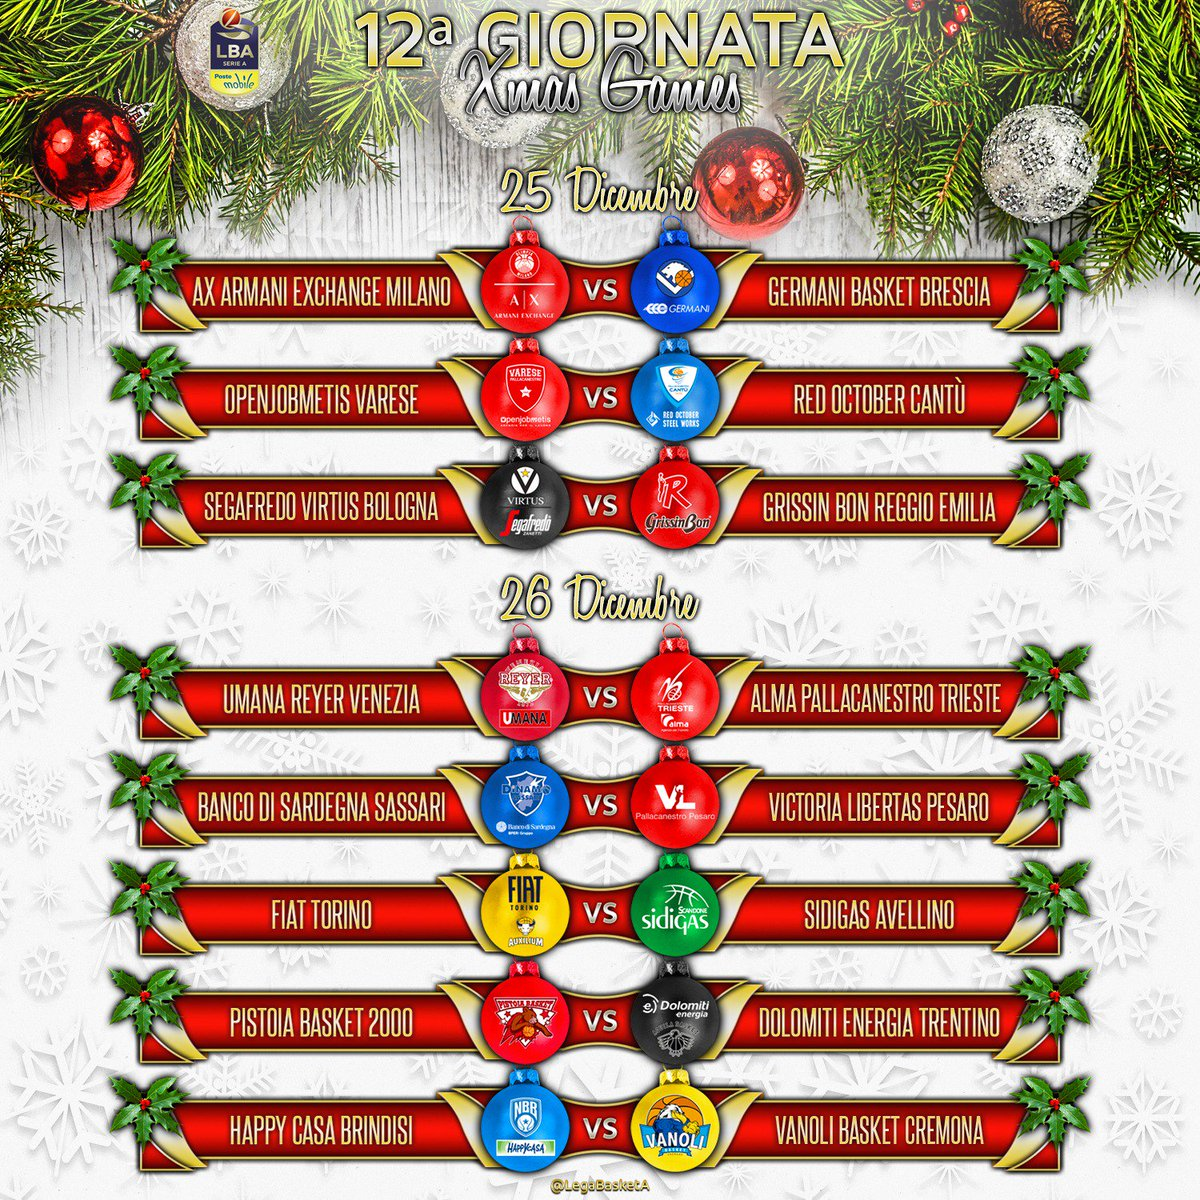 Calendario Legabasket.Il Calendario Di Lba 2018 19 E Ora Disponibile